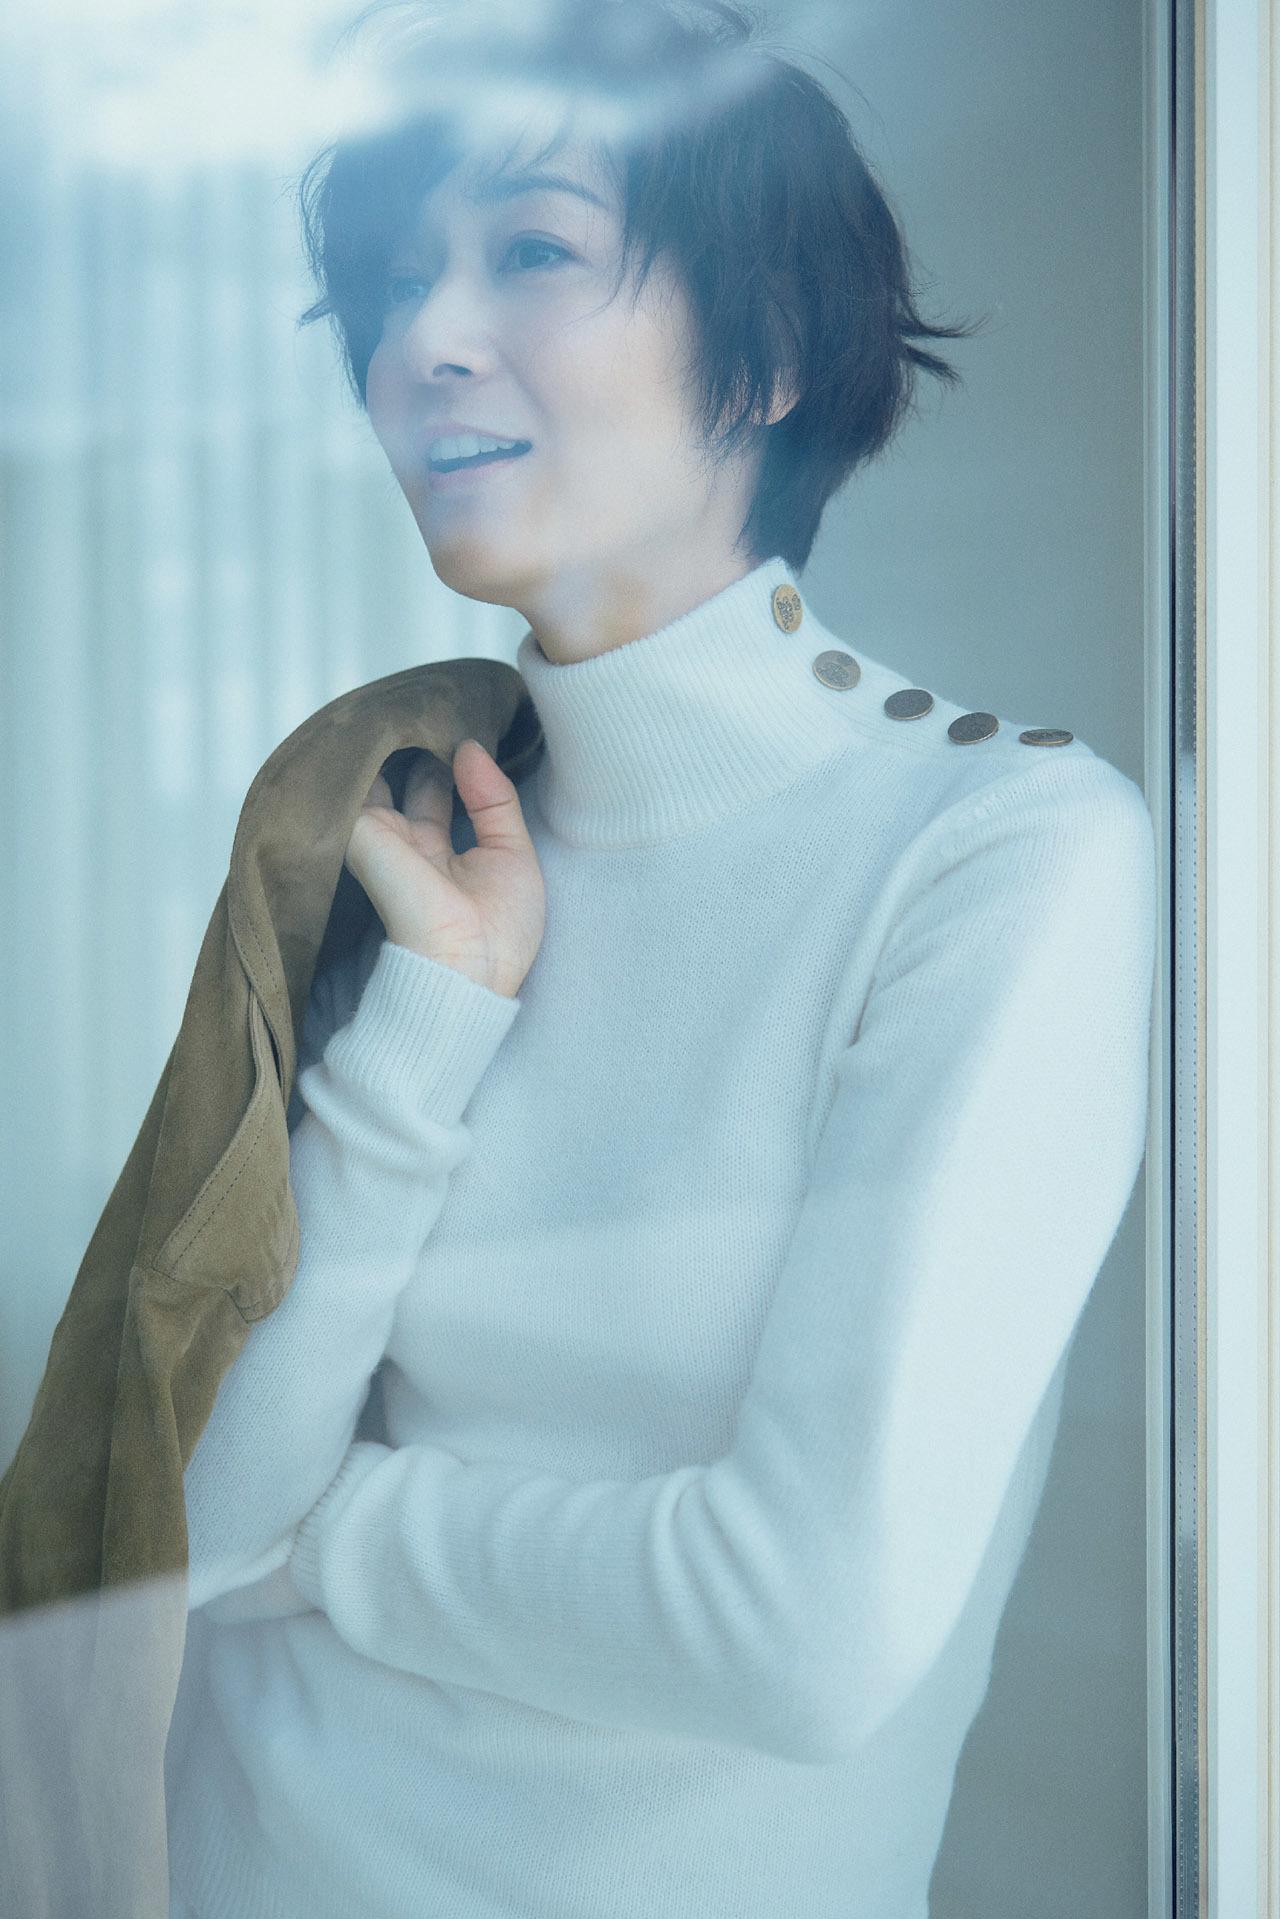 富岡佳子が着る真冬の「エレガントホワイト」 五選_1_1-4